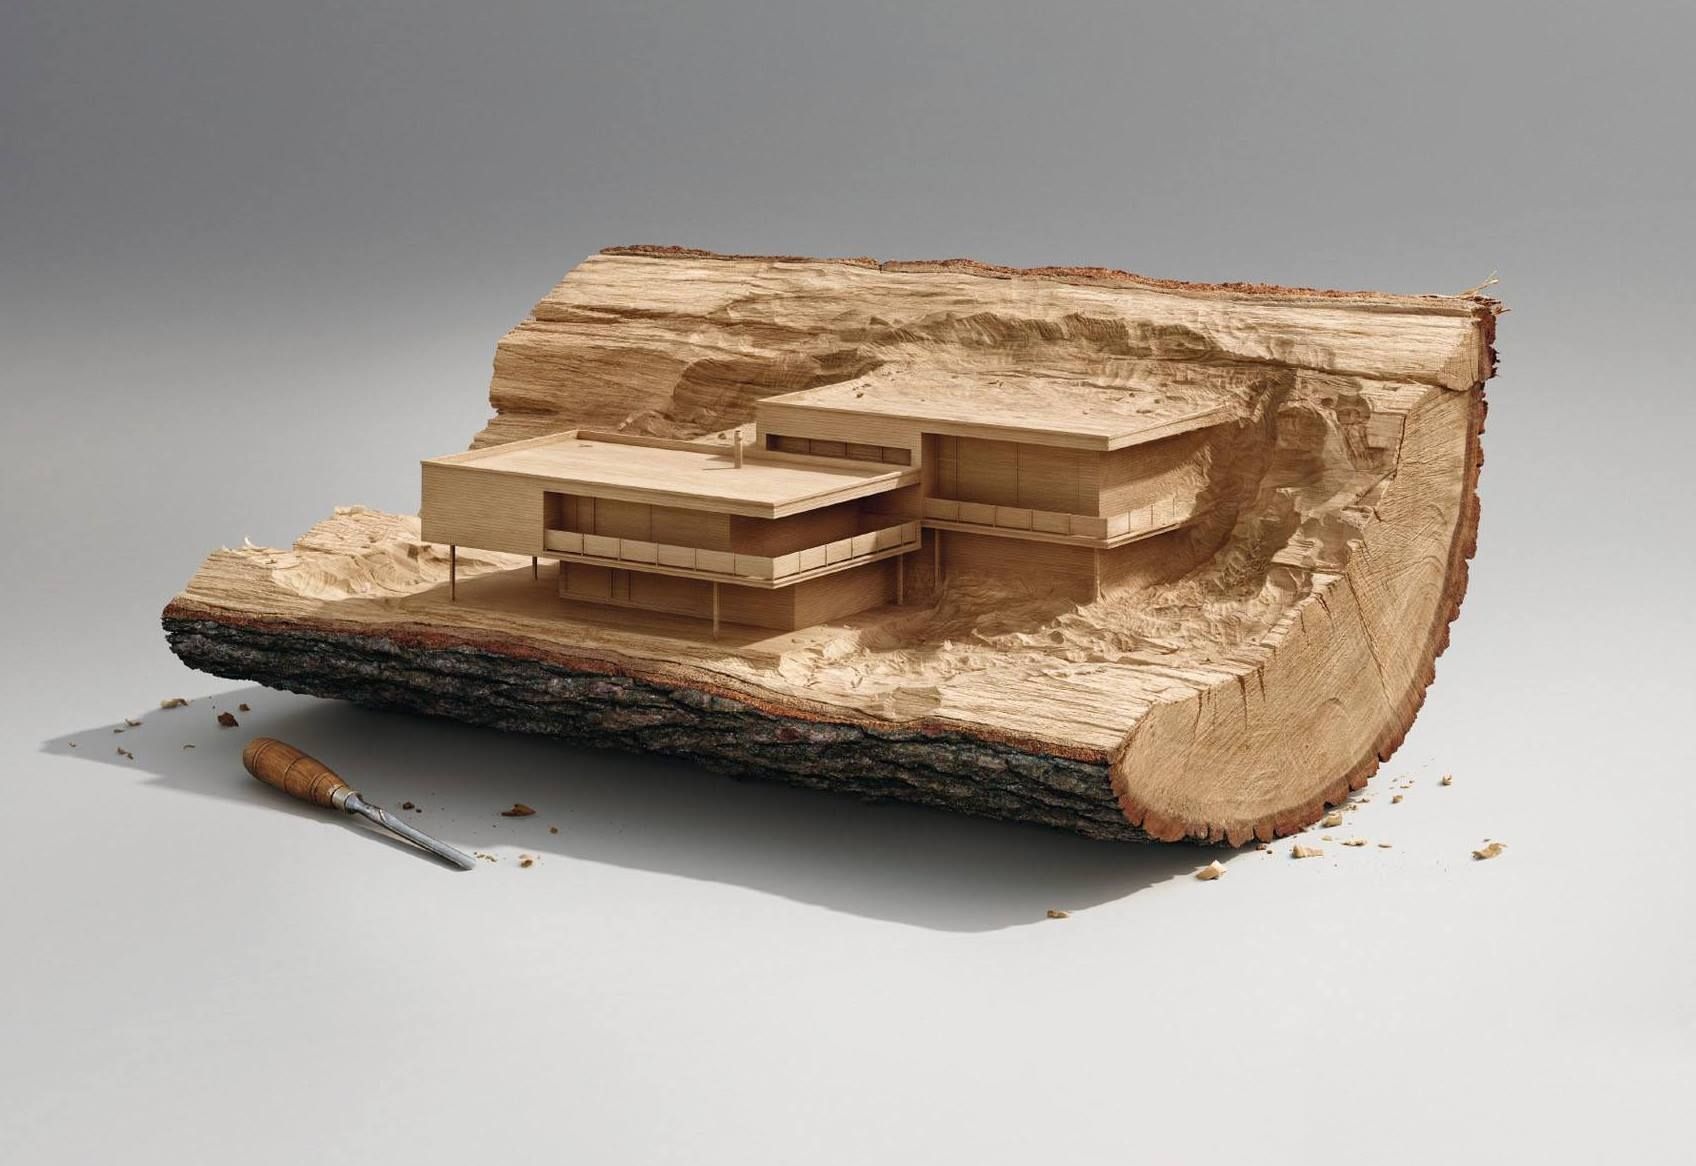 Surachai Puthikulangkura / Illusion - La Manufacture Paris, 2013 for the Musée Cité de l'architecture et du patrimoine